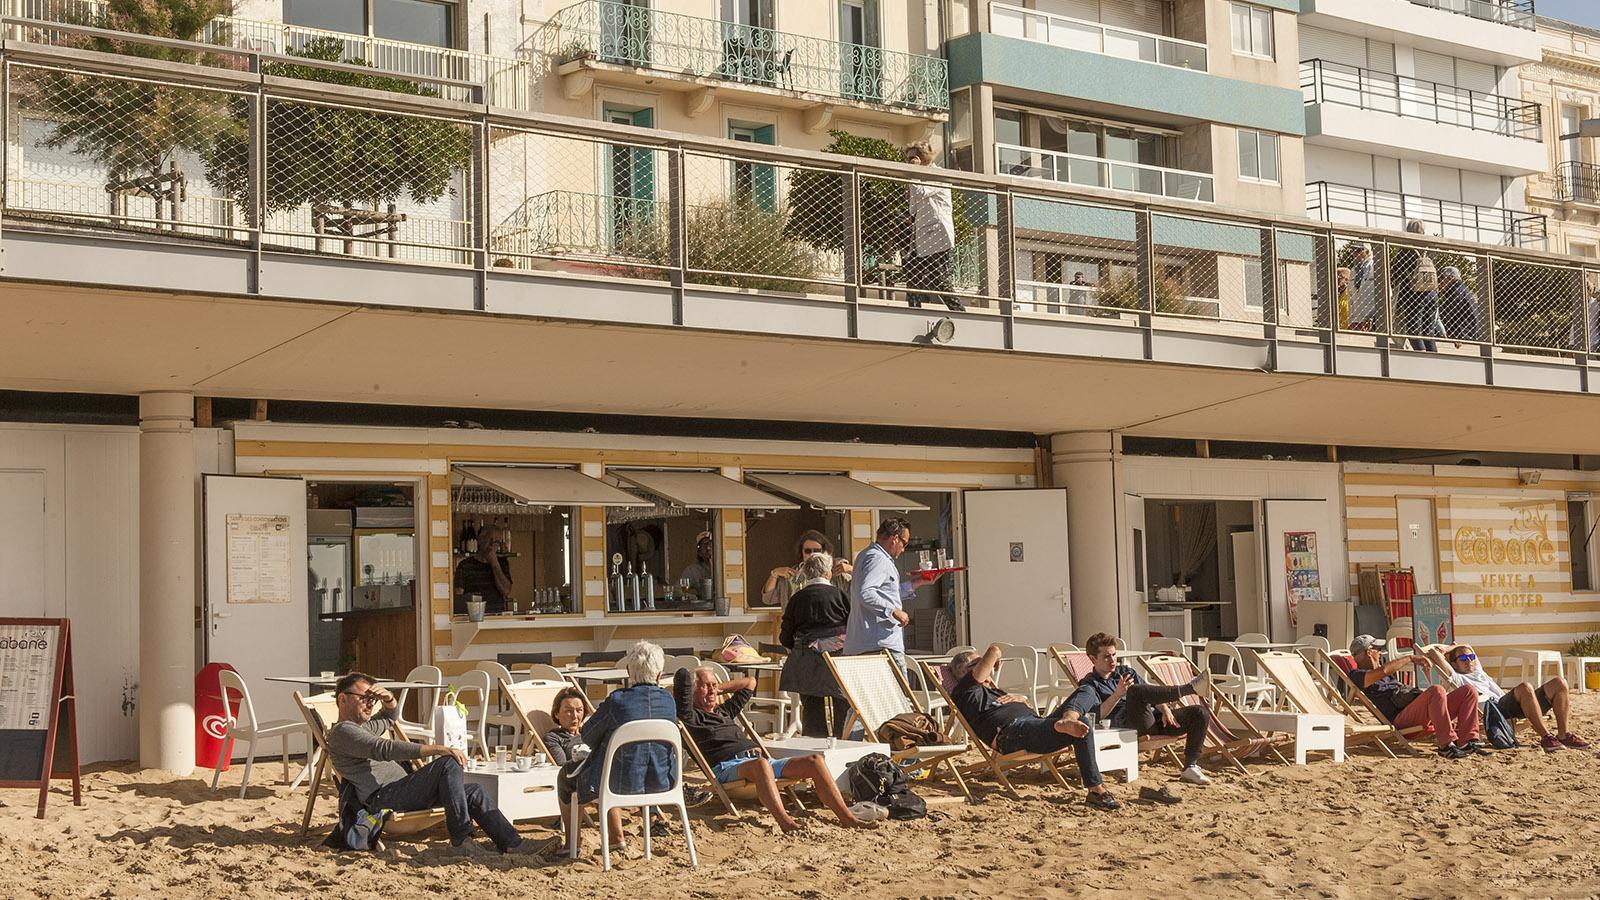 Les Sables d'Olonne: eine der vielen Strandbars an der Grande Plage. Foto: Hilke Maunder